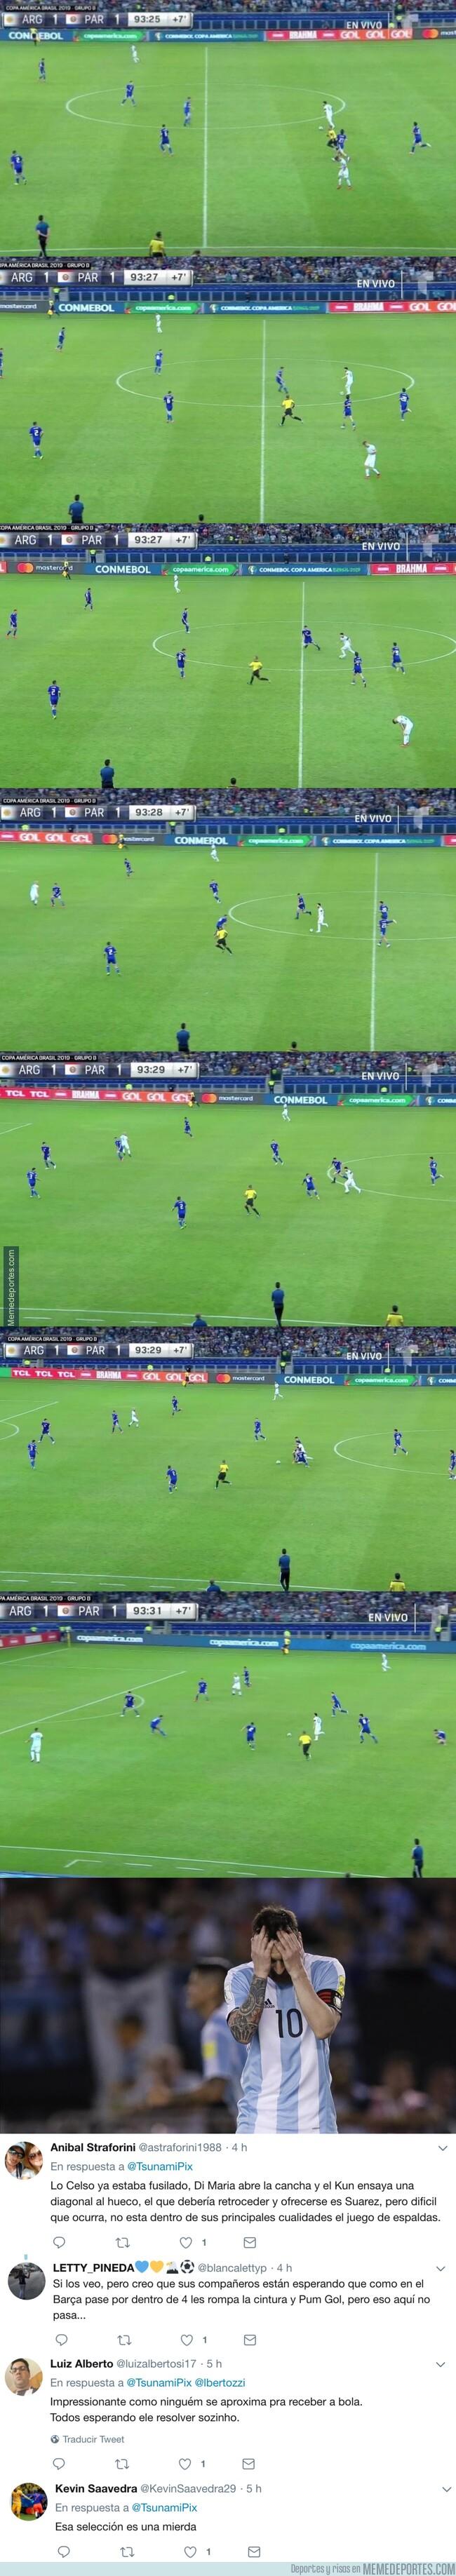 1078748 - Esto pasó en el minuto 94. Messi SOLO. NADIE se movió